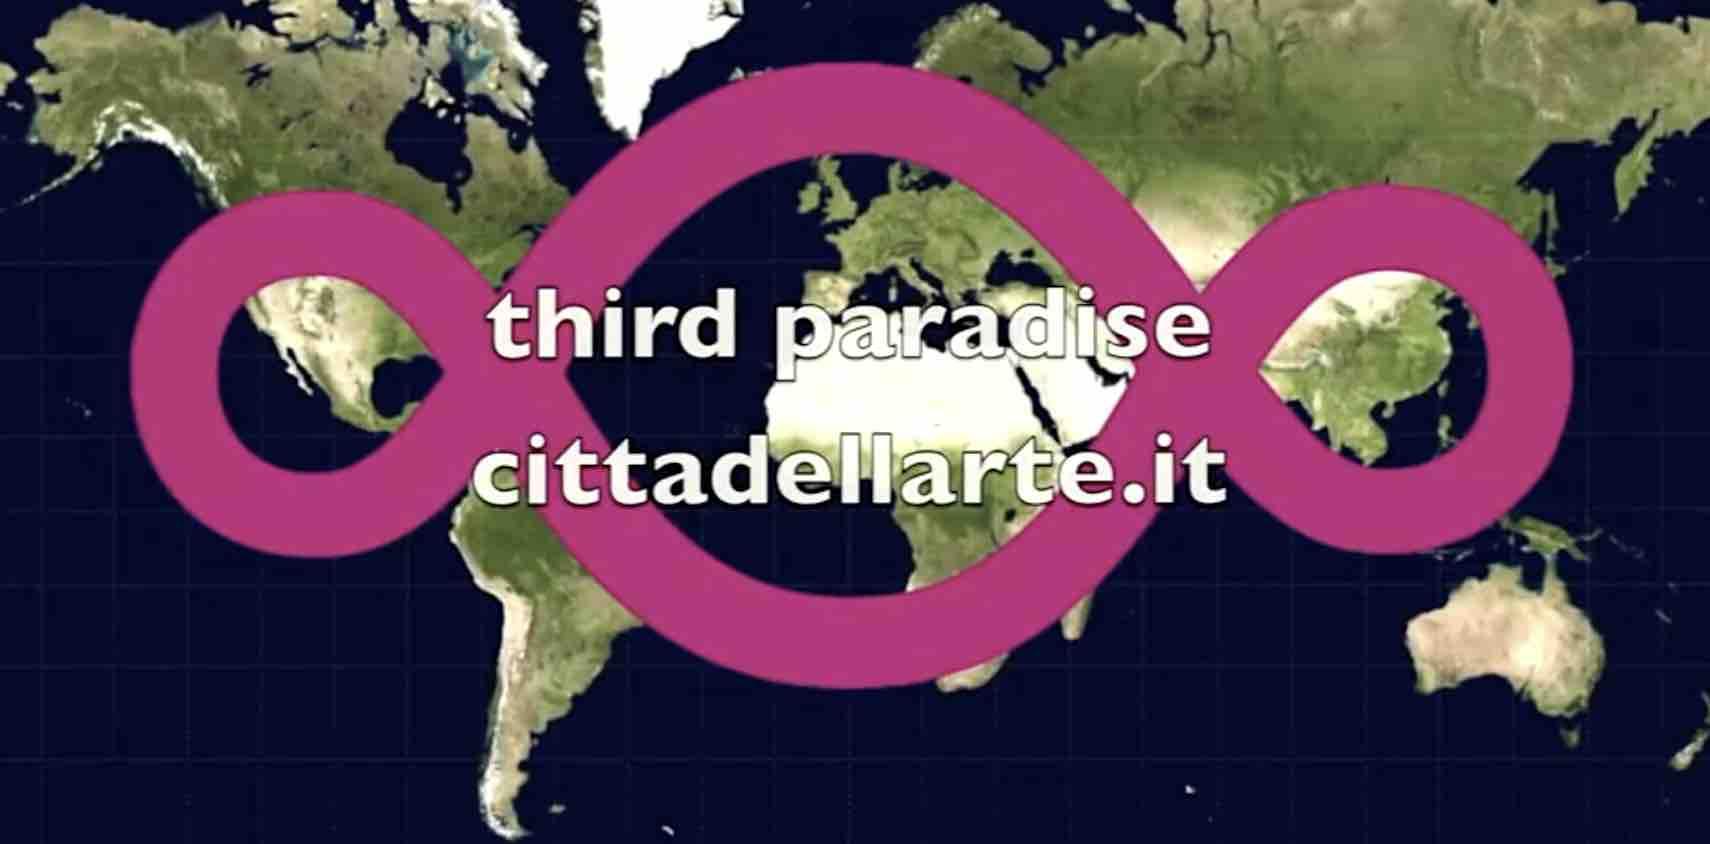 四面谈:艺术与社会:《第三天堂》米开朗基罗·皮斯托雷托: 我+你=我们